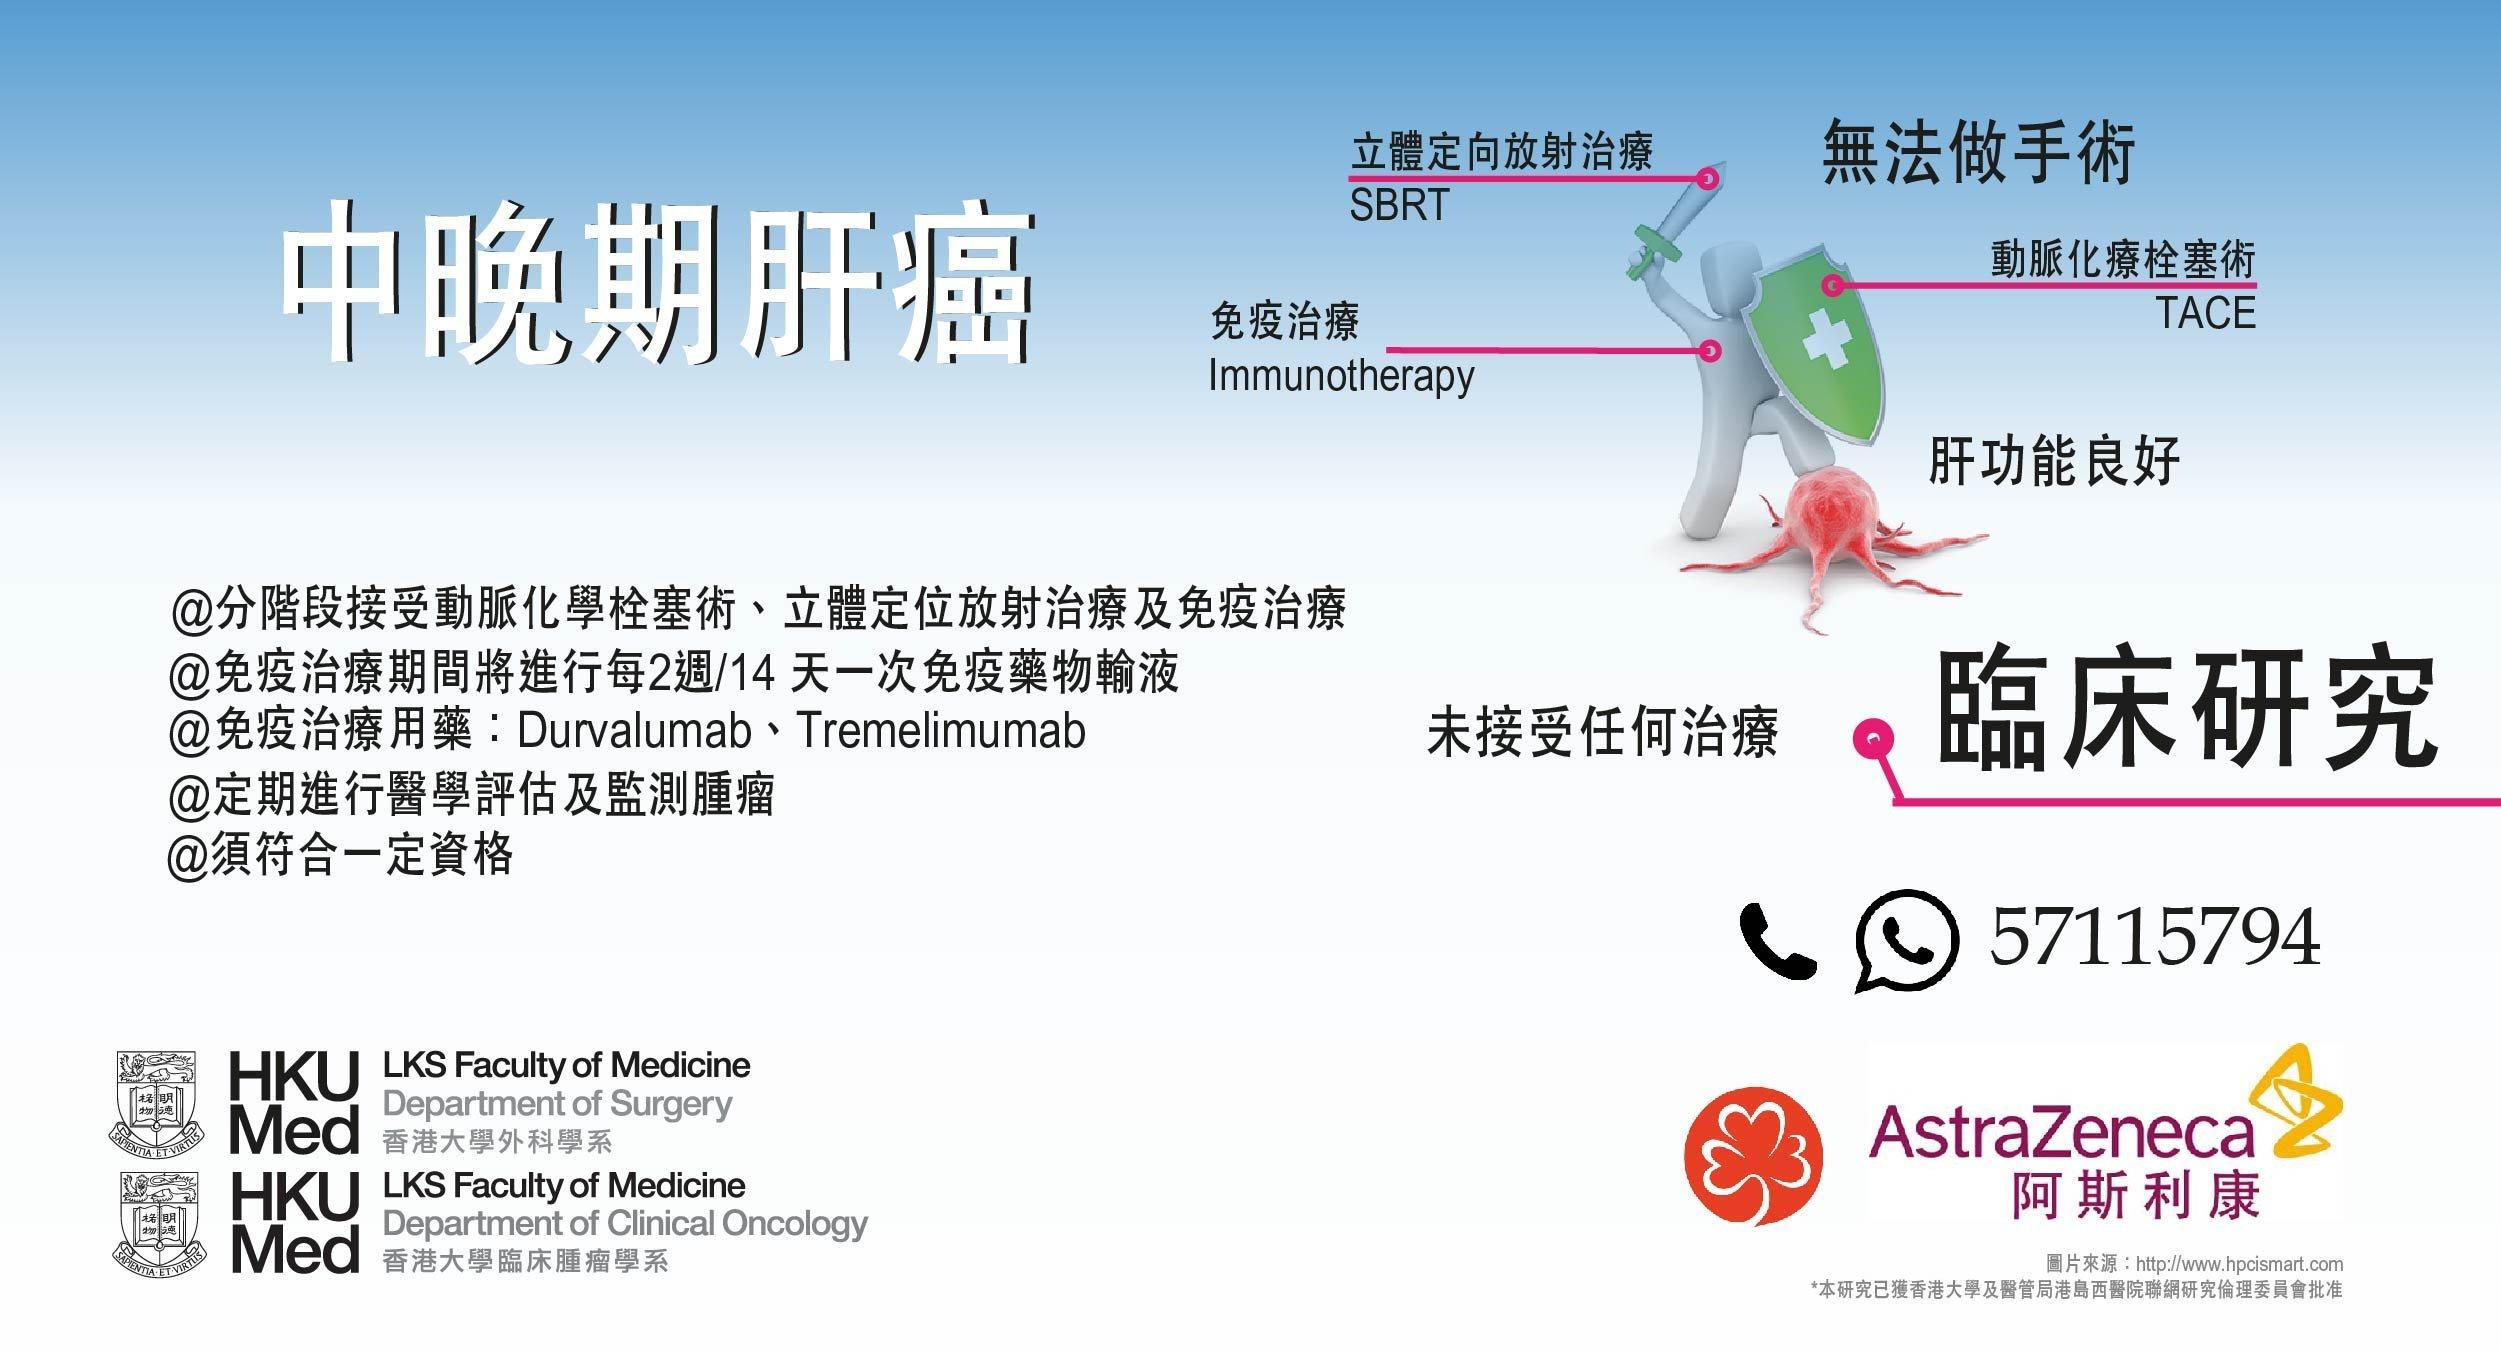 臨床研究-中晚期肝癌